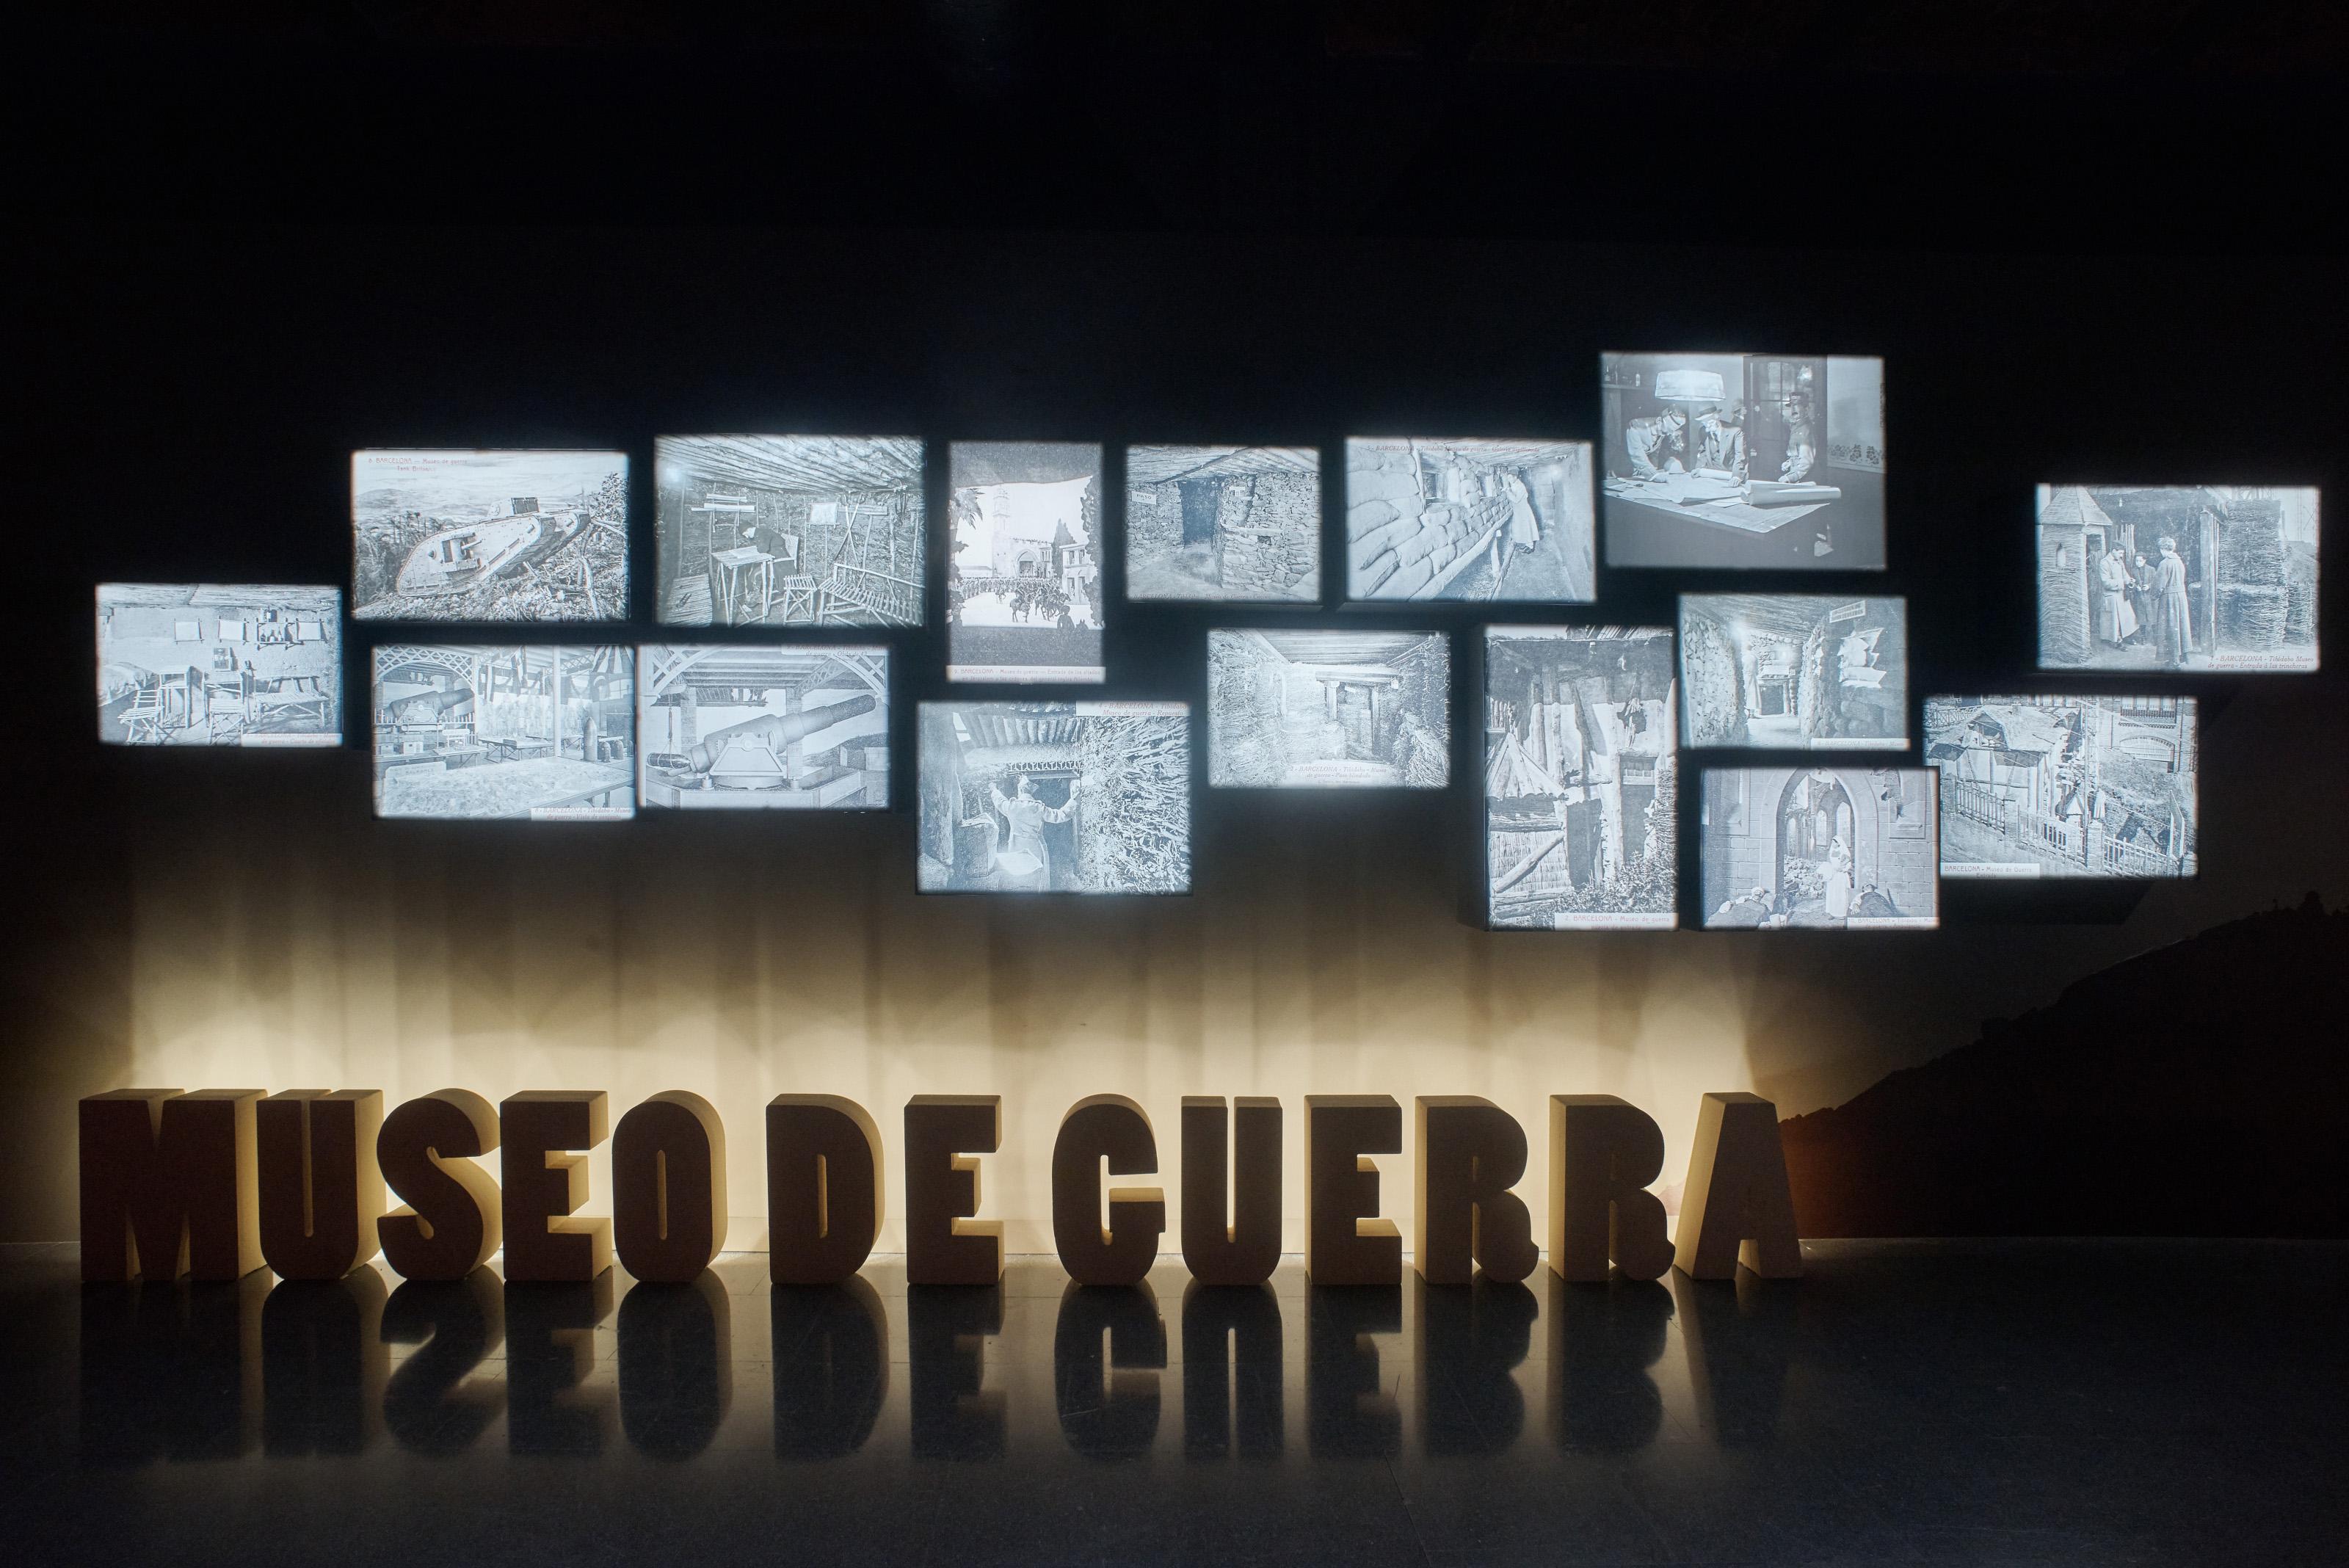 Vista del muntatge fotogràfic del «Museo de Guerra» del Tibidabo